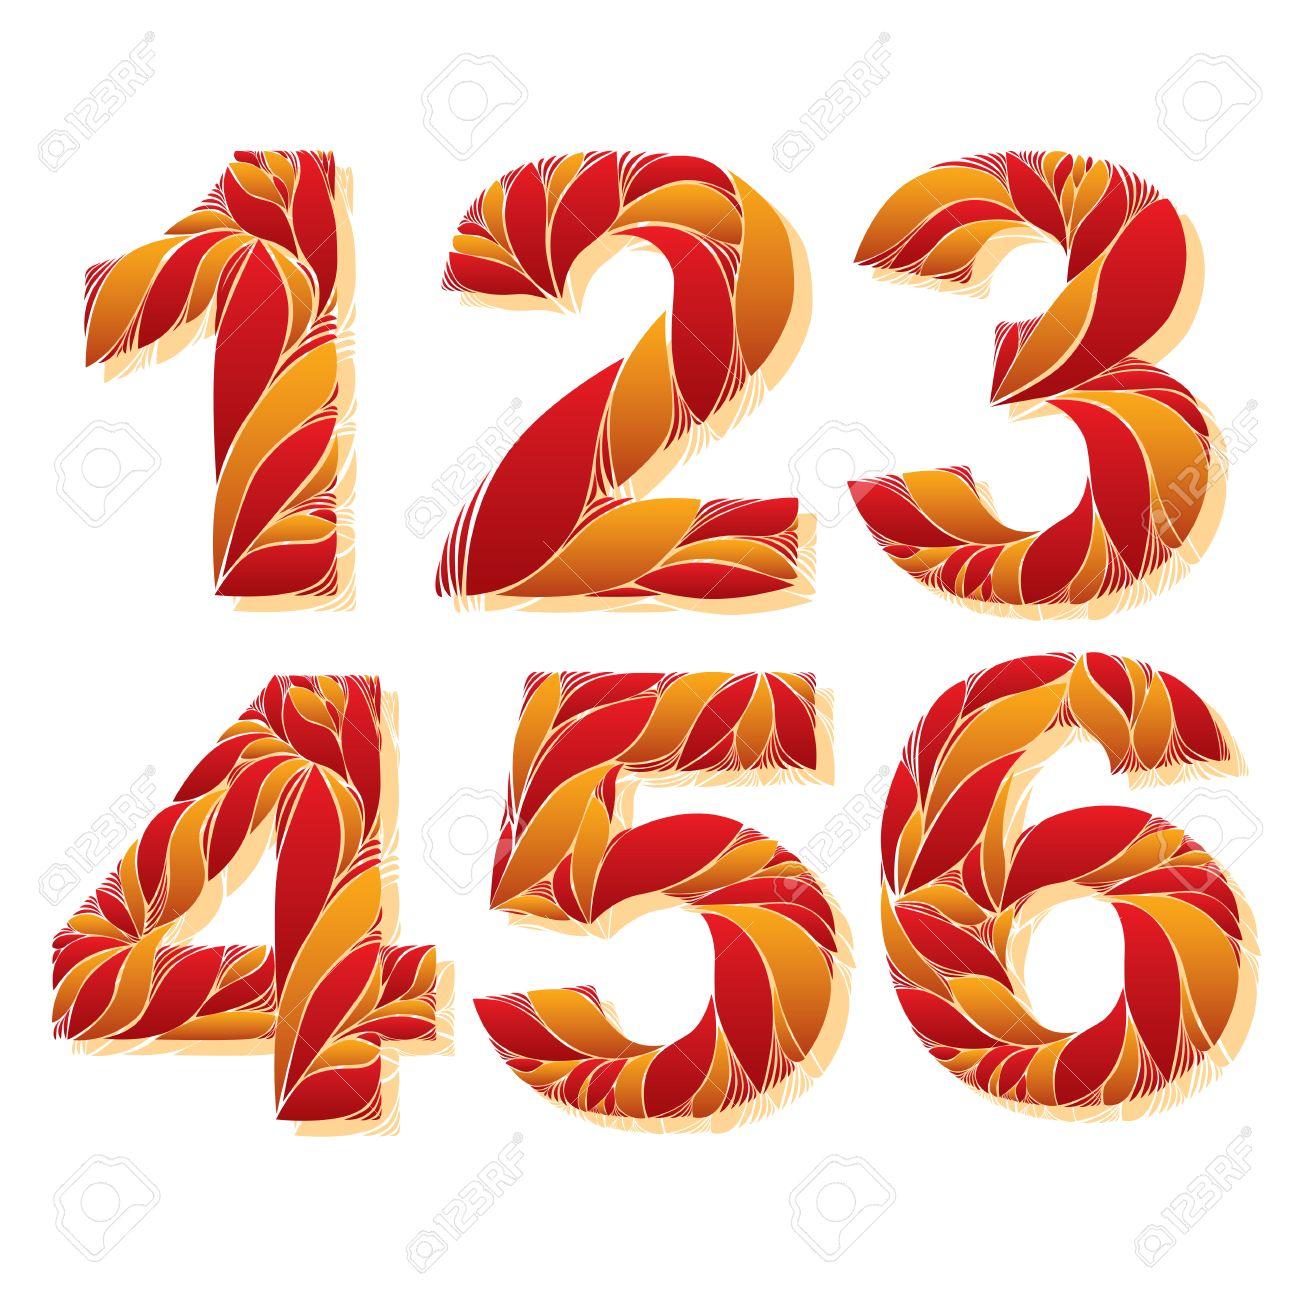 Chiffres De Fleurs à Motifs élégants Numéros Ornementales Avec Motif Floral 1 2 3 4 5 6